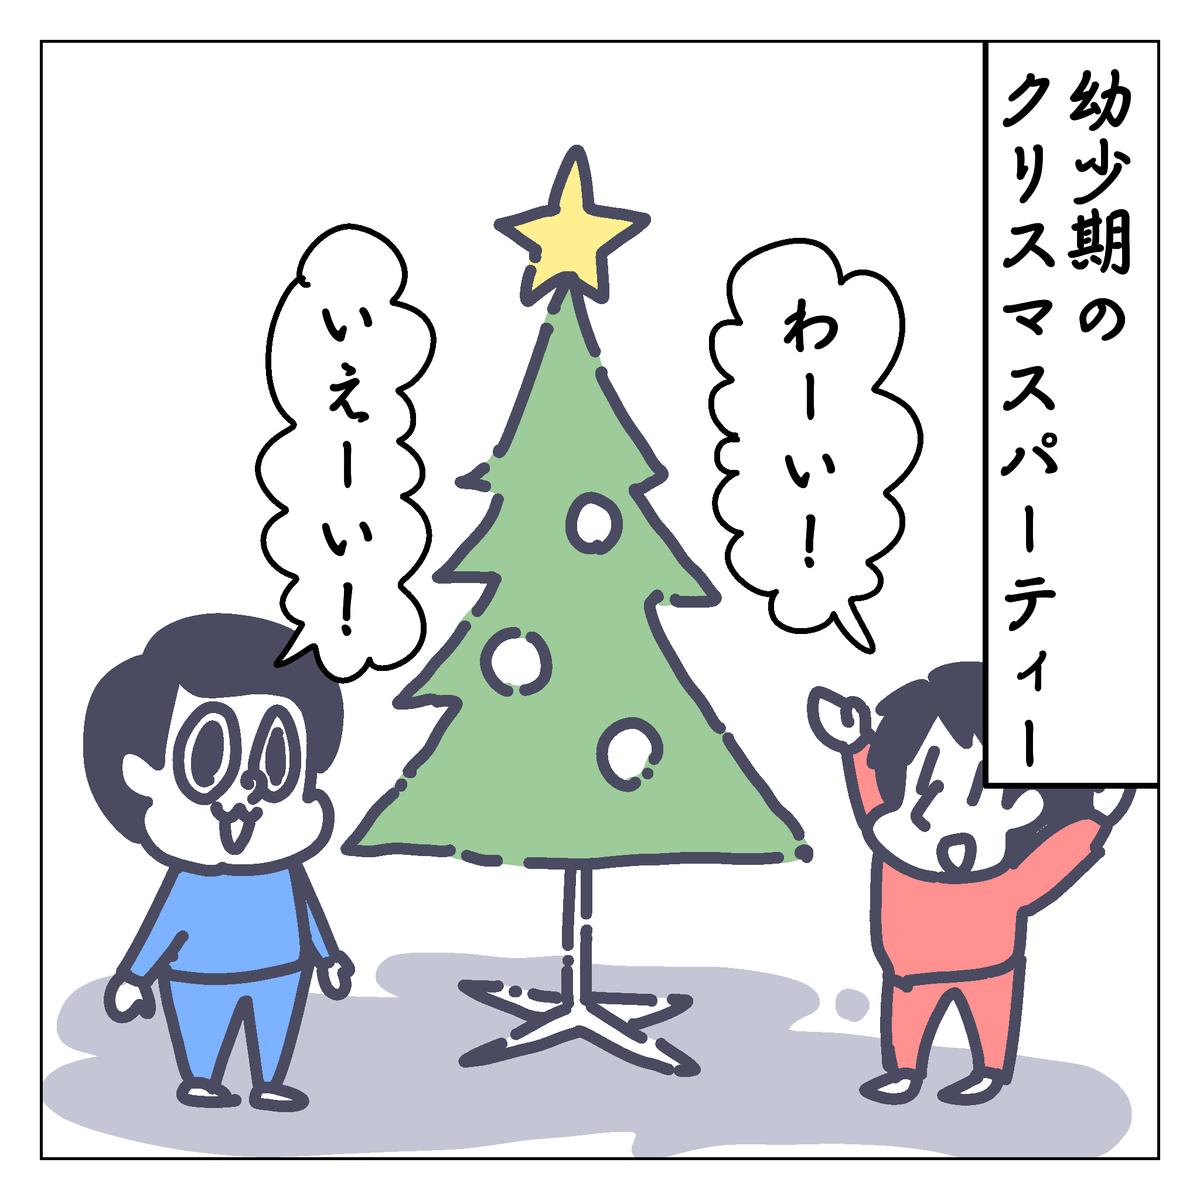 f:id:YuruFuwaTa:20200518122154p:plain